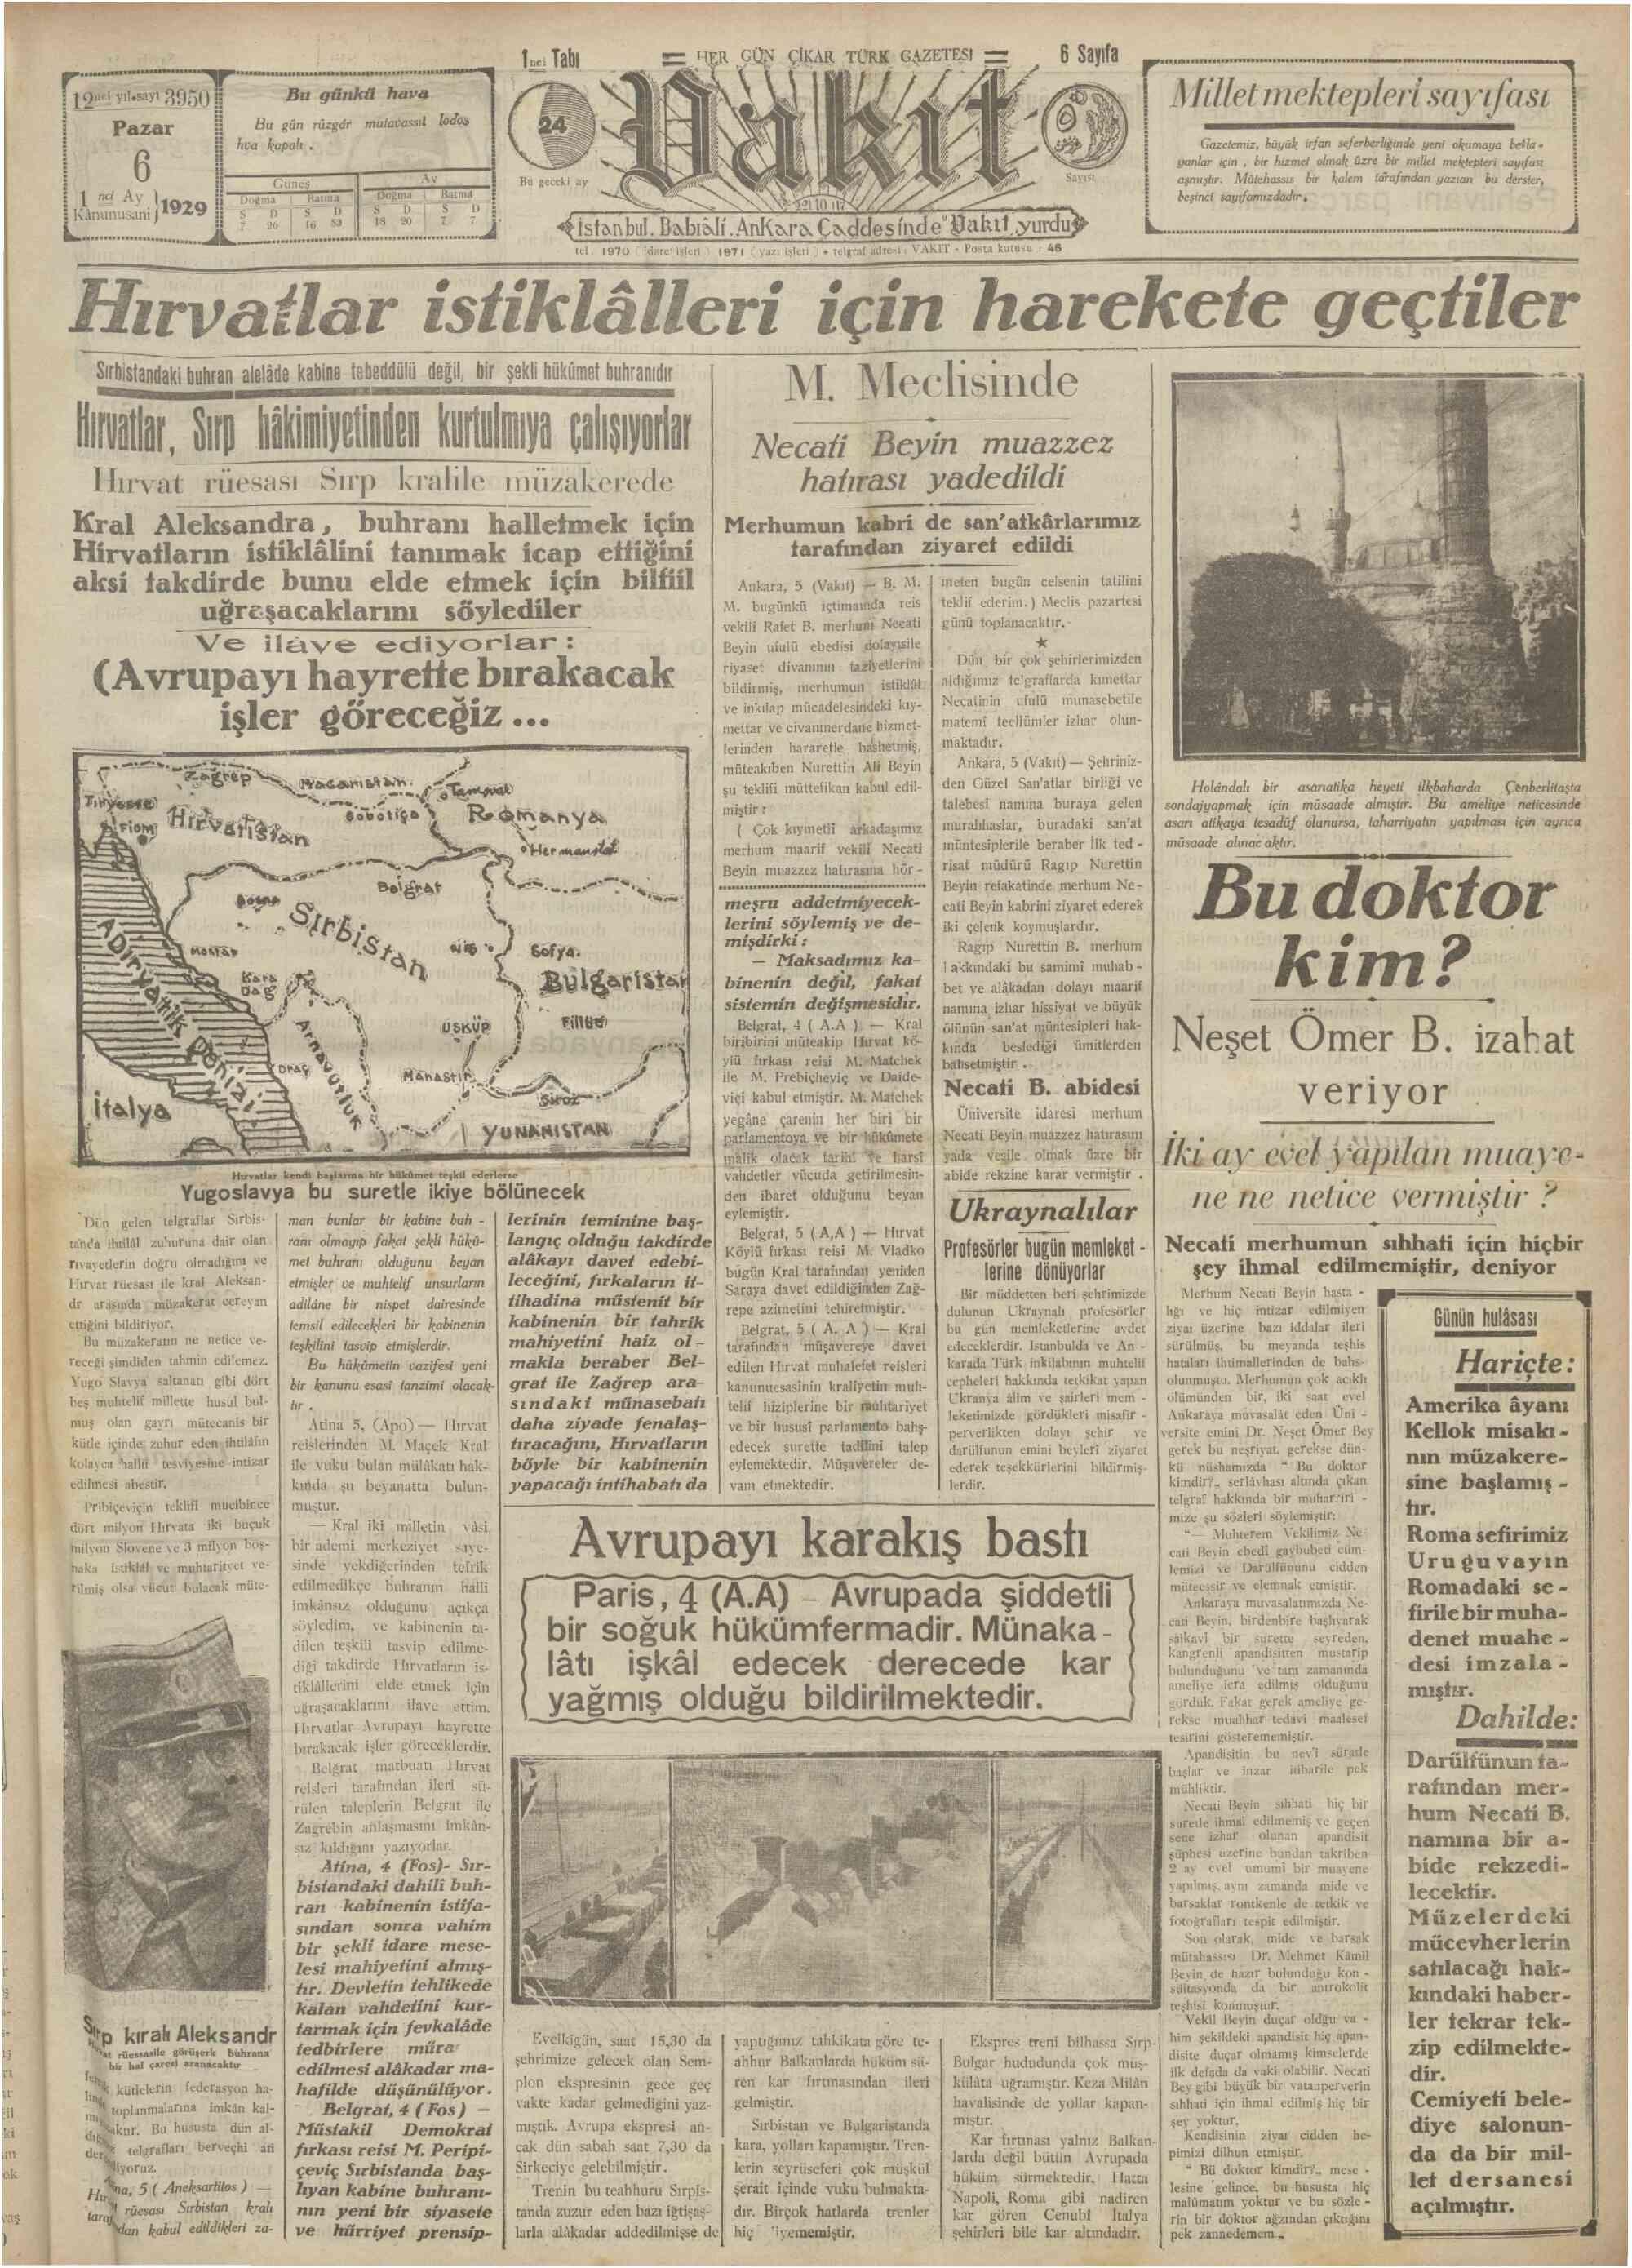 6 Ocak 1929 Tarihli Vakit Gazetesi Sayfa 1